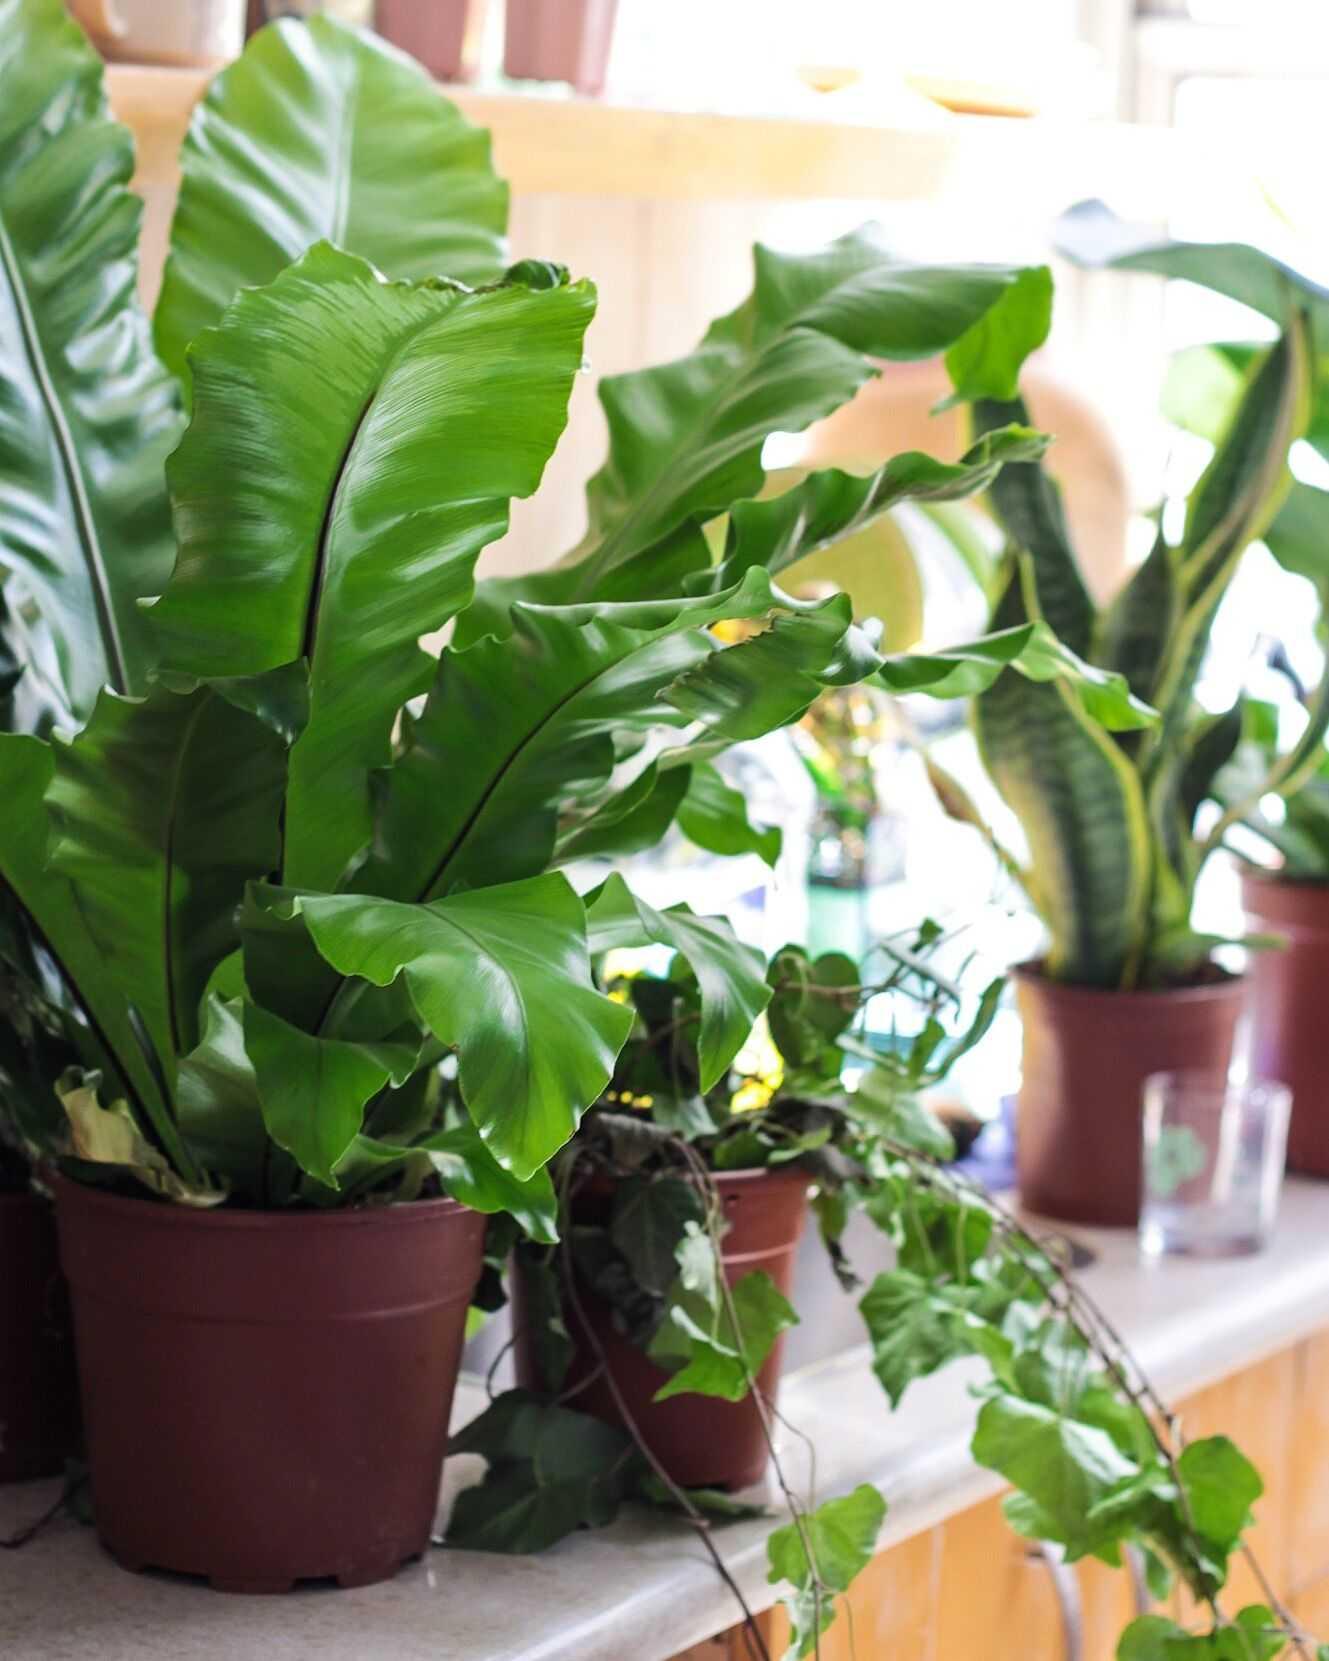 סיור היכרות עם הצמחים שלי